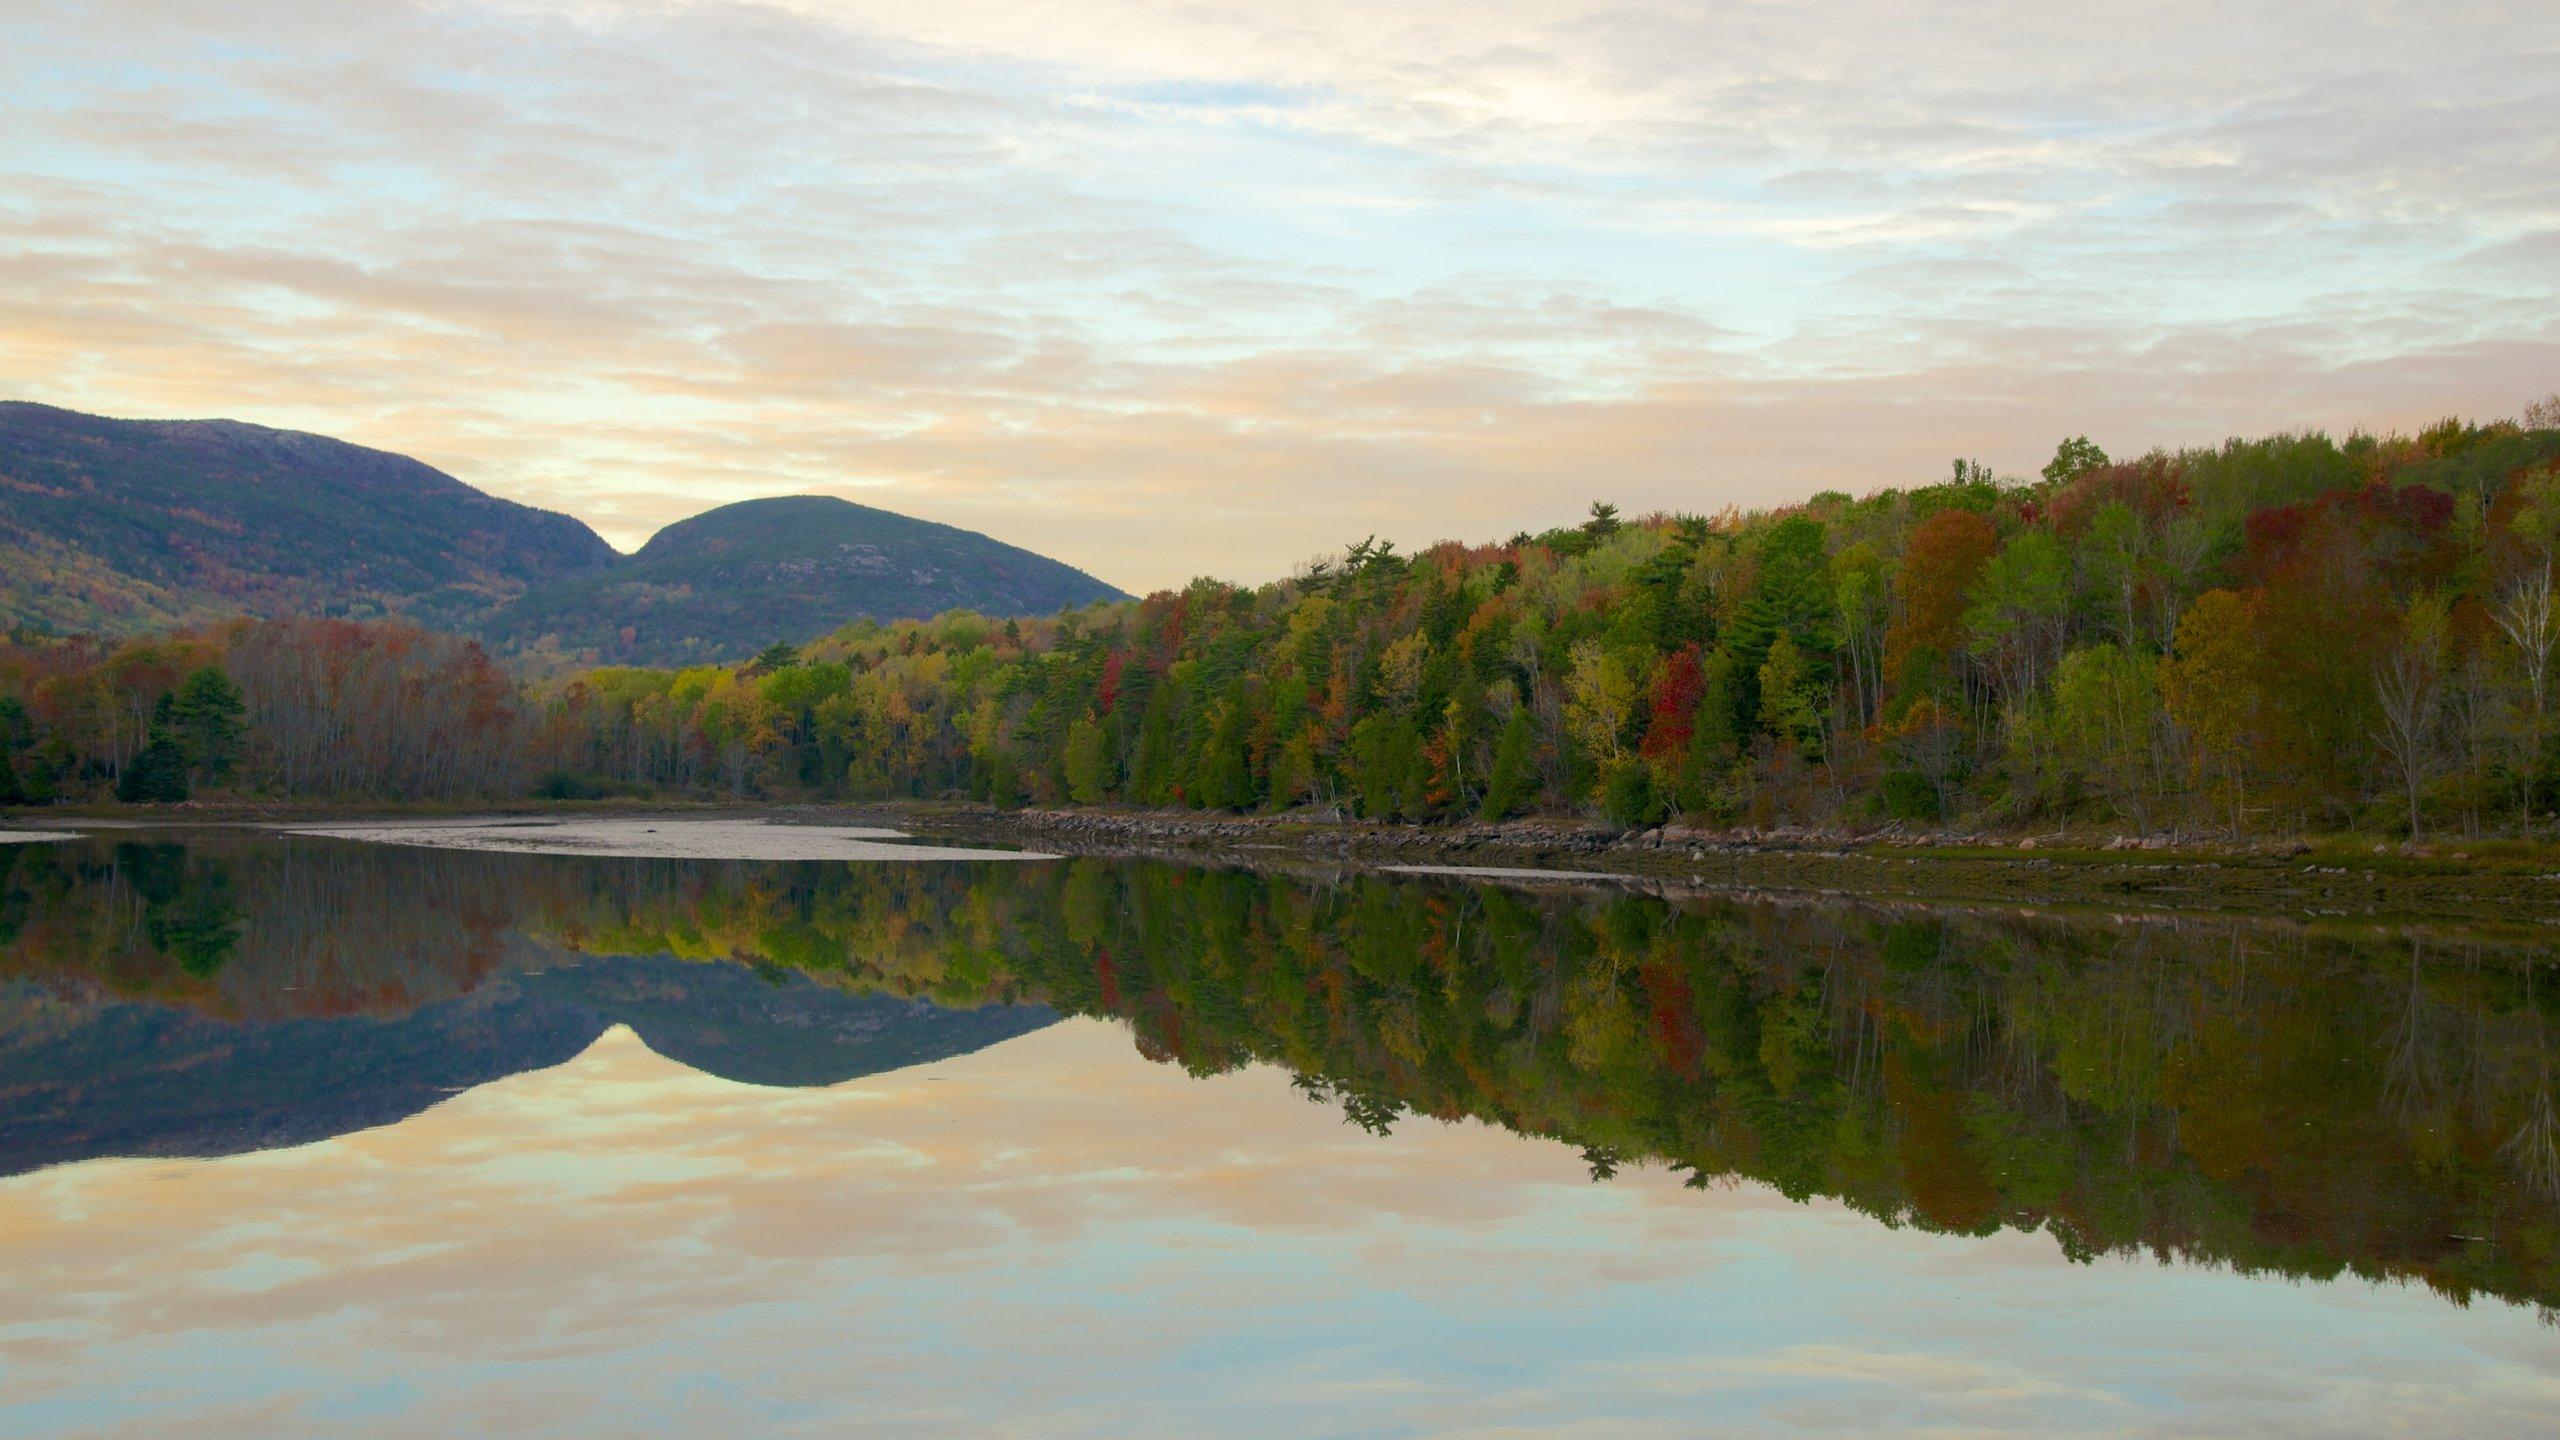 Washington County, Maine, United States of America